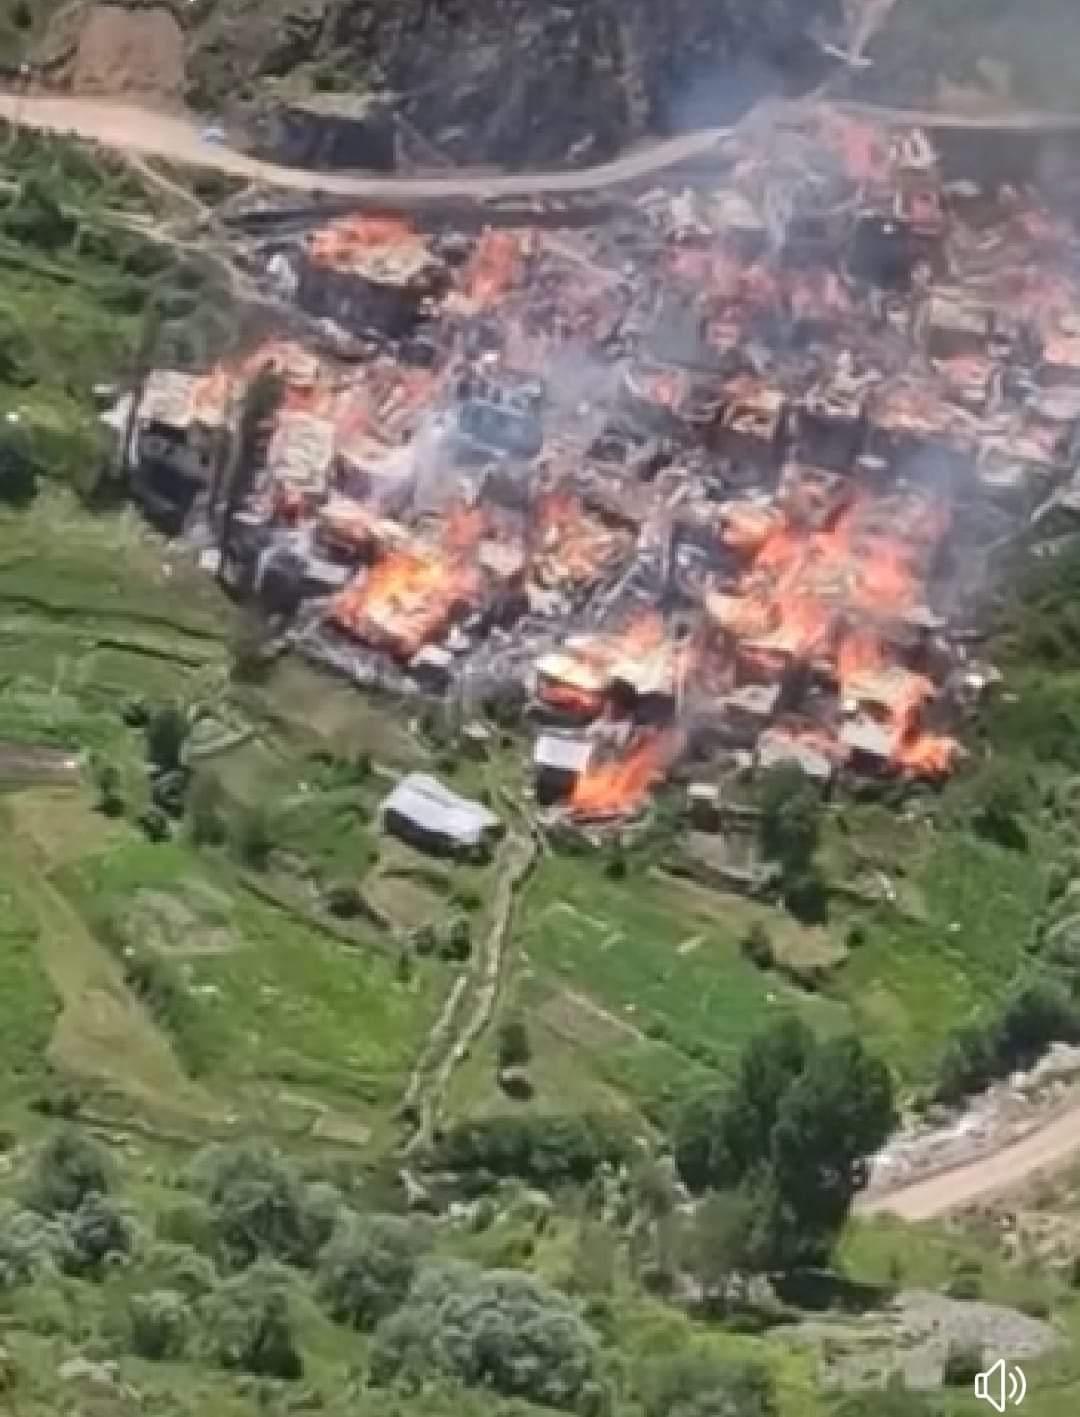 Haut-Karabakh : des Arméniens brûlent des maisons avant la cession de régions à l'Azerbaïdjan